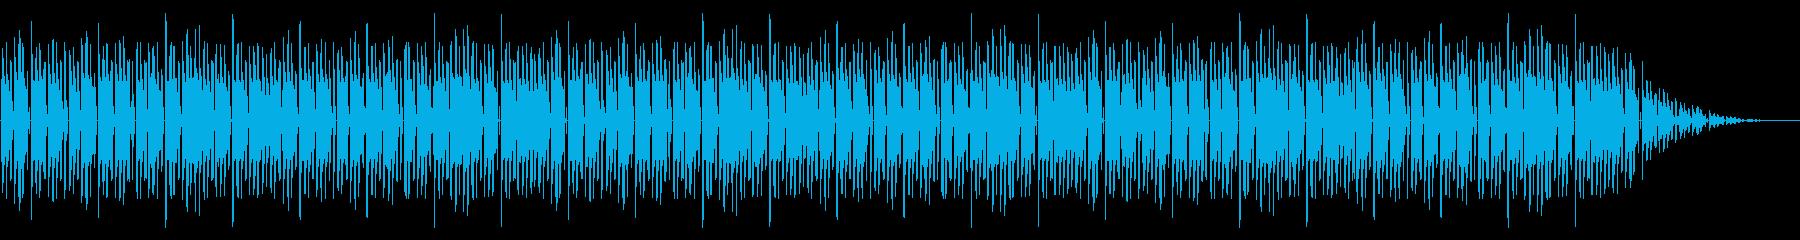 GB風対戦格闘ゲームのゲームオーバー曲の再生済みの波形